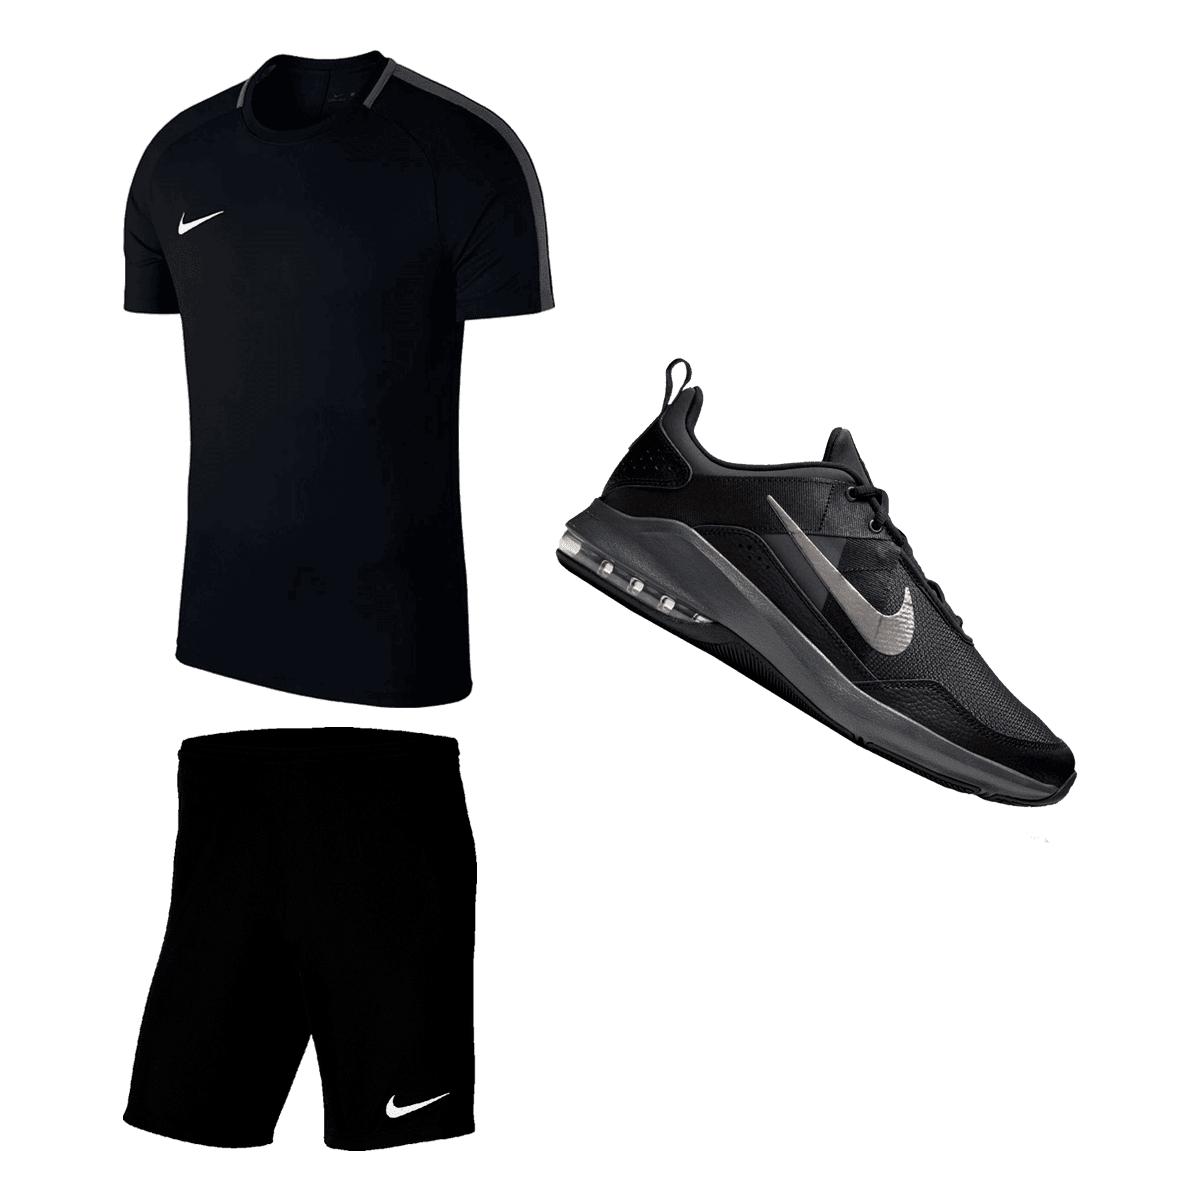 Zestaw treningowy Nike - koszulka Academy 18 SS, spodenki Park III oraz buty Air Max Alpha Trainer II @geomix